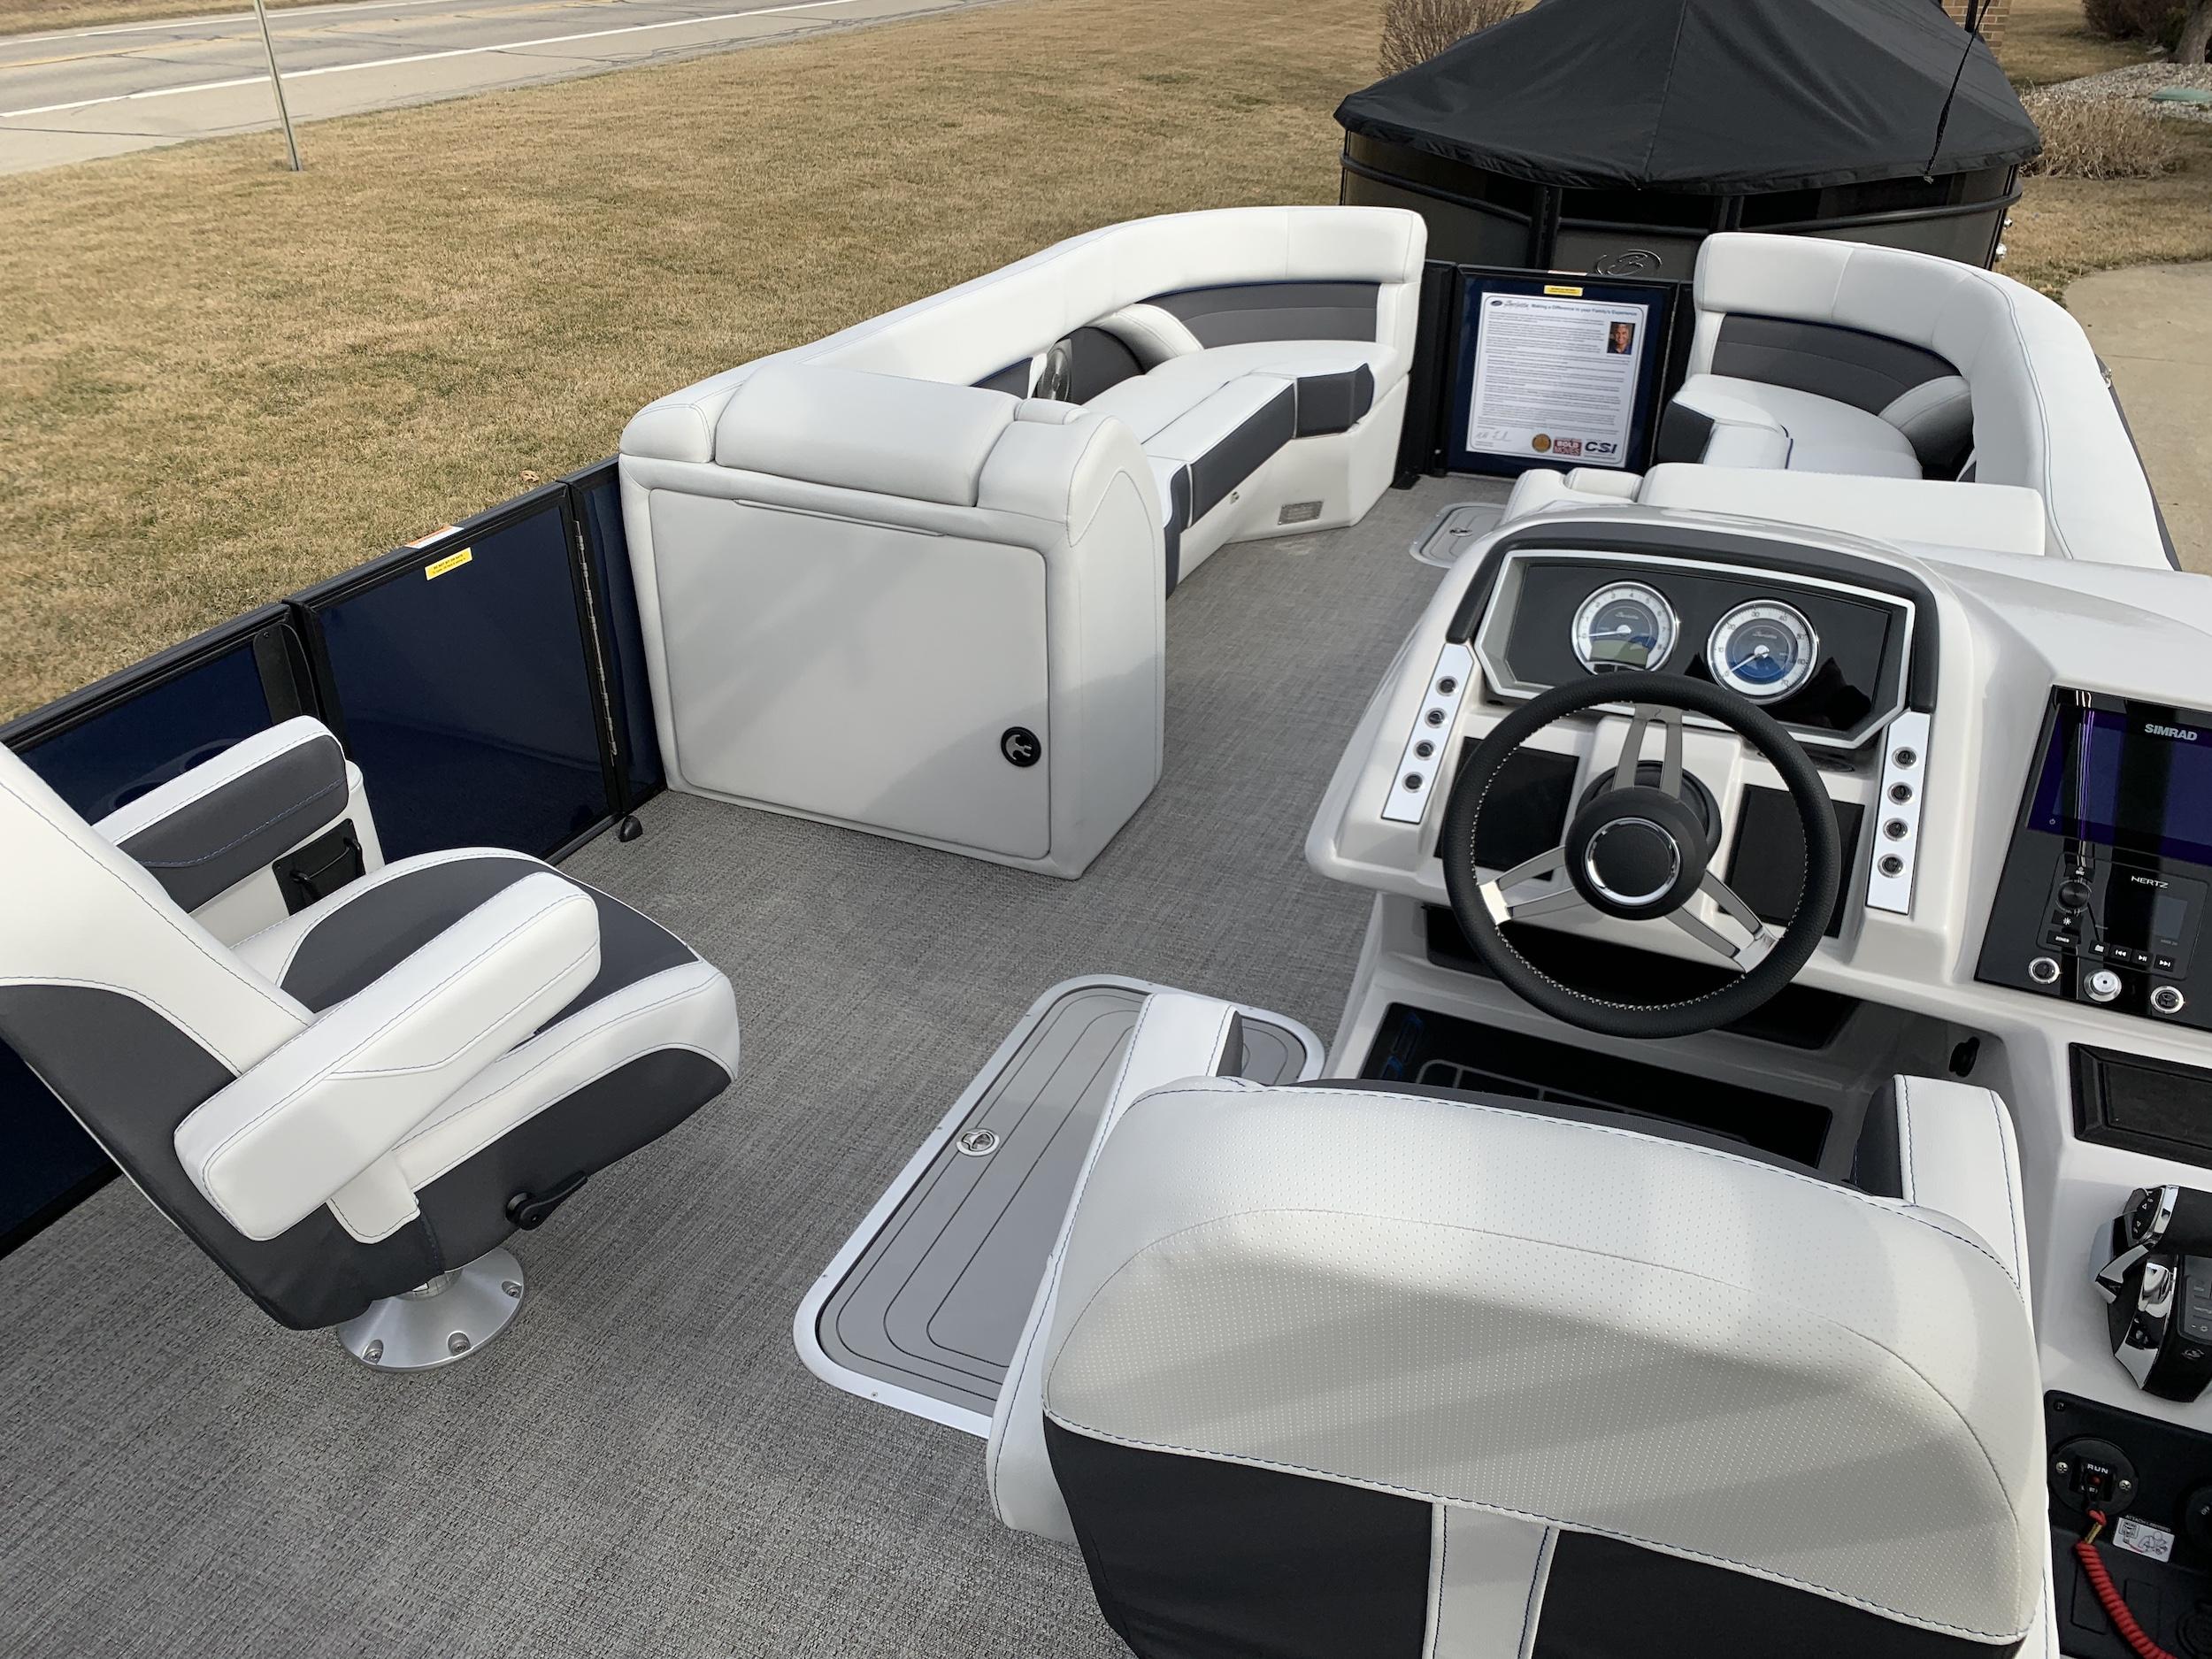 Boat Image 5